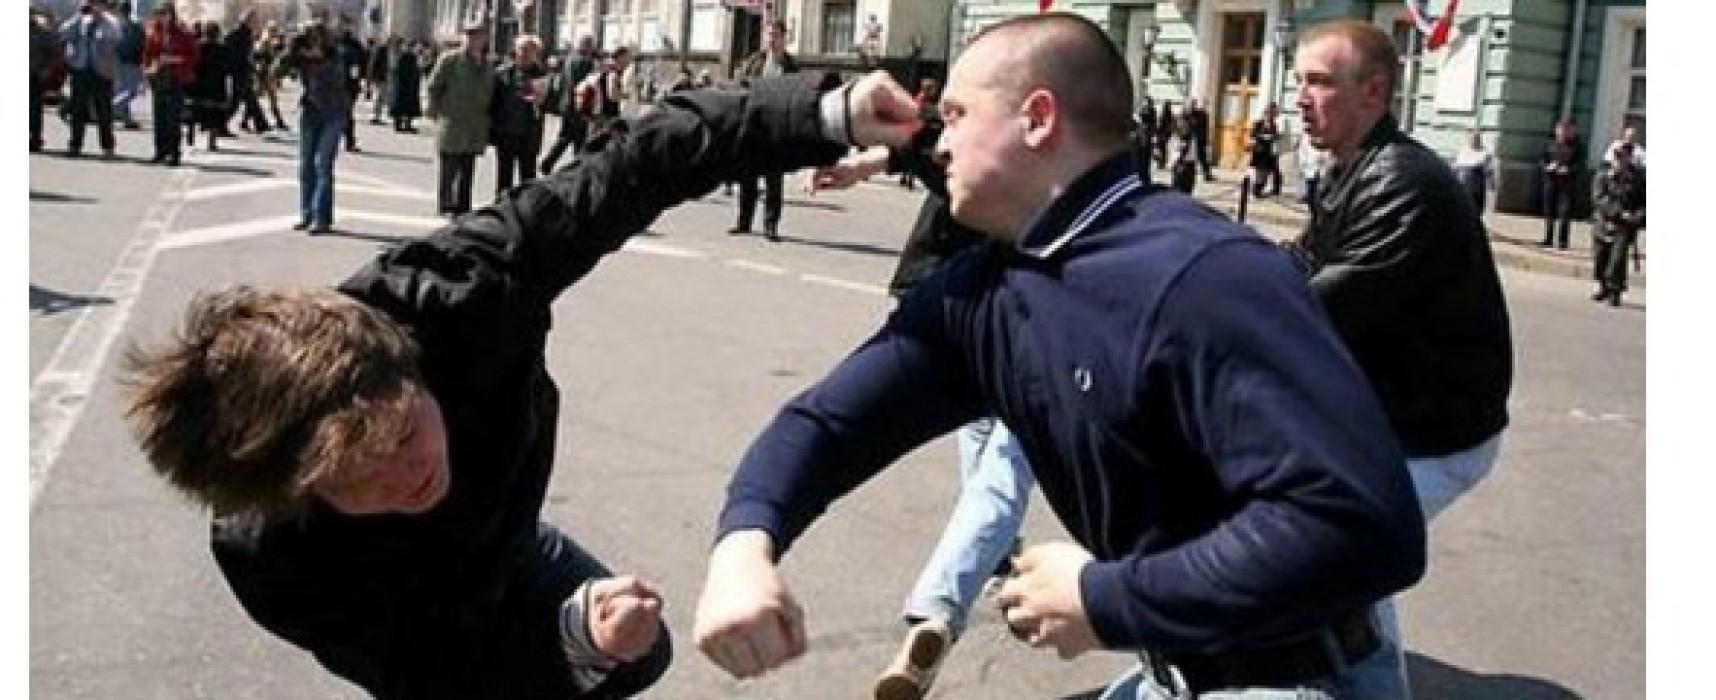 СМИ изобразили драку россиян, казахов и украинца фейковым фото